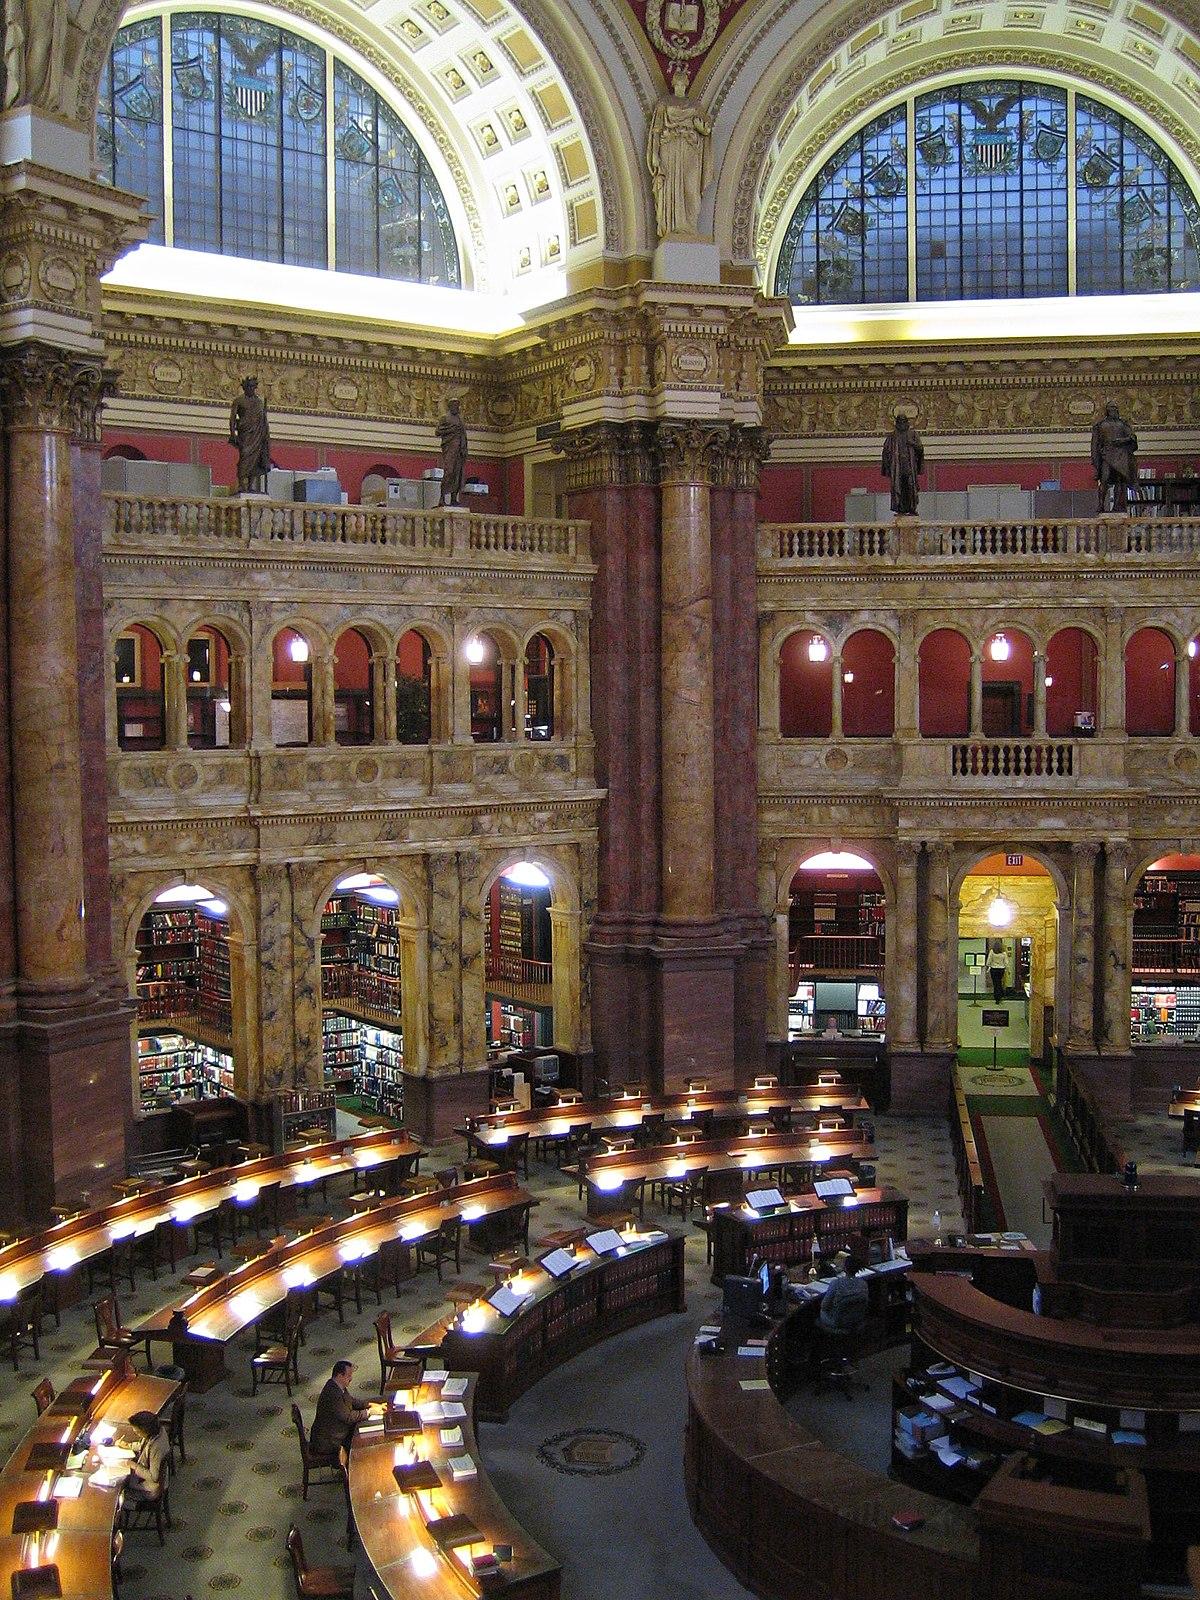 کتابخانه های بزرگ جهان ویکی پدیا، دانشنامهٔ آزاد